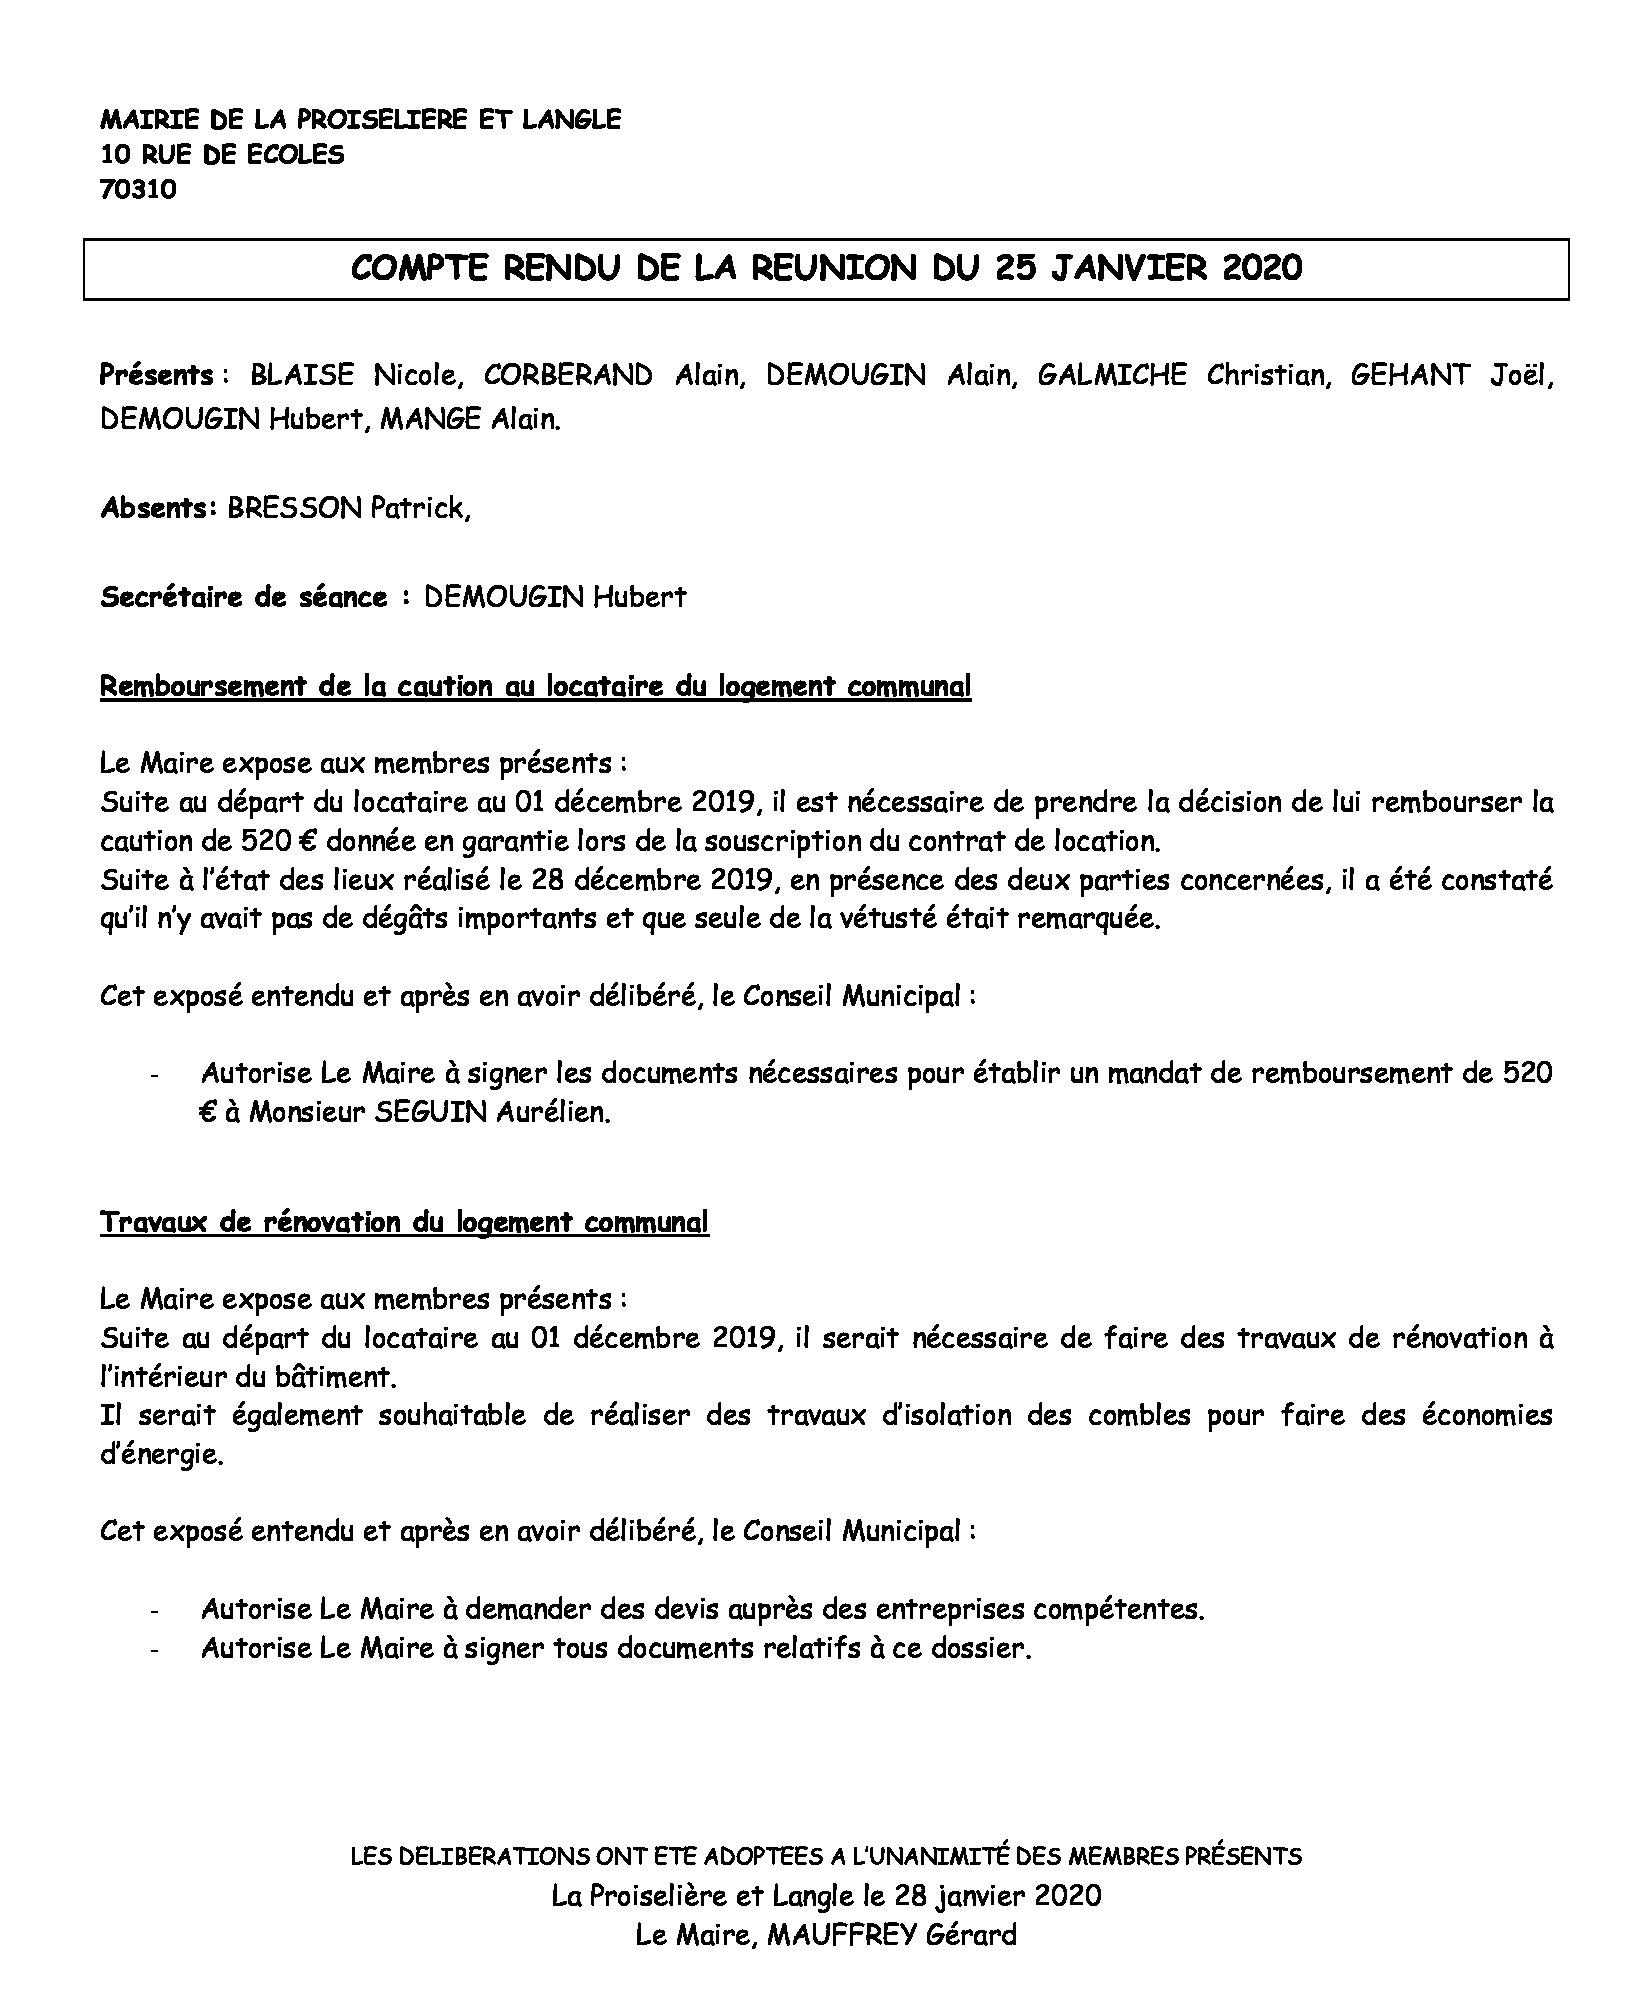 COMPTE RENDU du 25 Janvier 2020